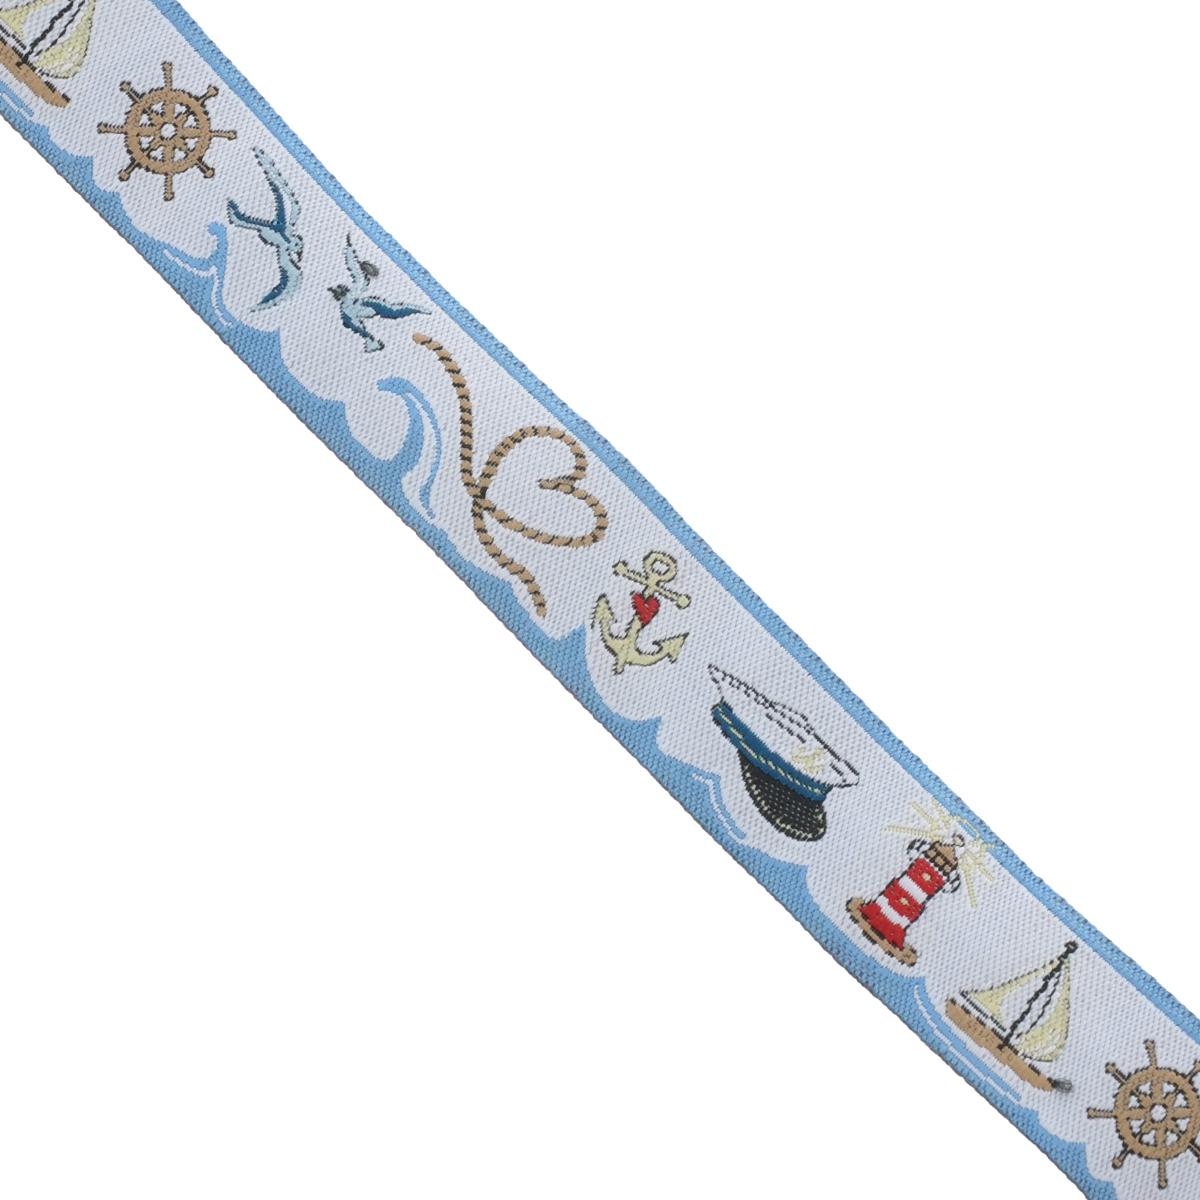 Тесьма декоративная Acufactum Ute Menze Морской, 1,6 см х 100 см35156Декоративная тесьма Acufactum Ute Menze Морской выполнена из высококачественного 100% полиэстера. На ленте изображены предметы морской тематики. Такая тесьма идеально подойдет для оформления различных творческих работ таких, как скрапбукинг, аппликация, декор коробок и открыток и многое другое. Тесьма наивысшего качества и практична в использовании. Она станет незаменимым элементом в создании рукотворного шедевра. Ширина: 1,6 см. Длина: 1 м.